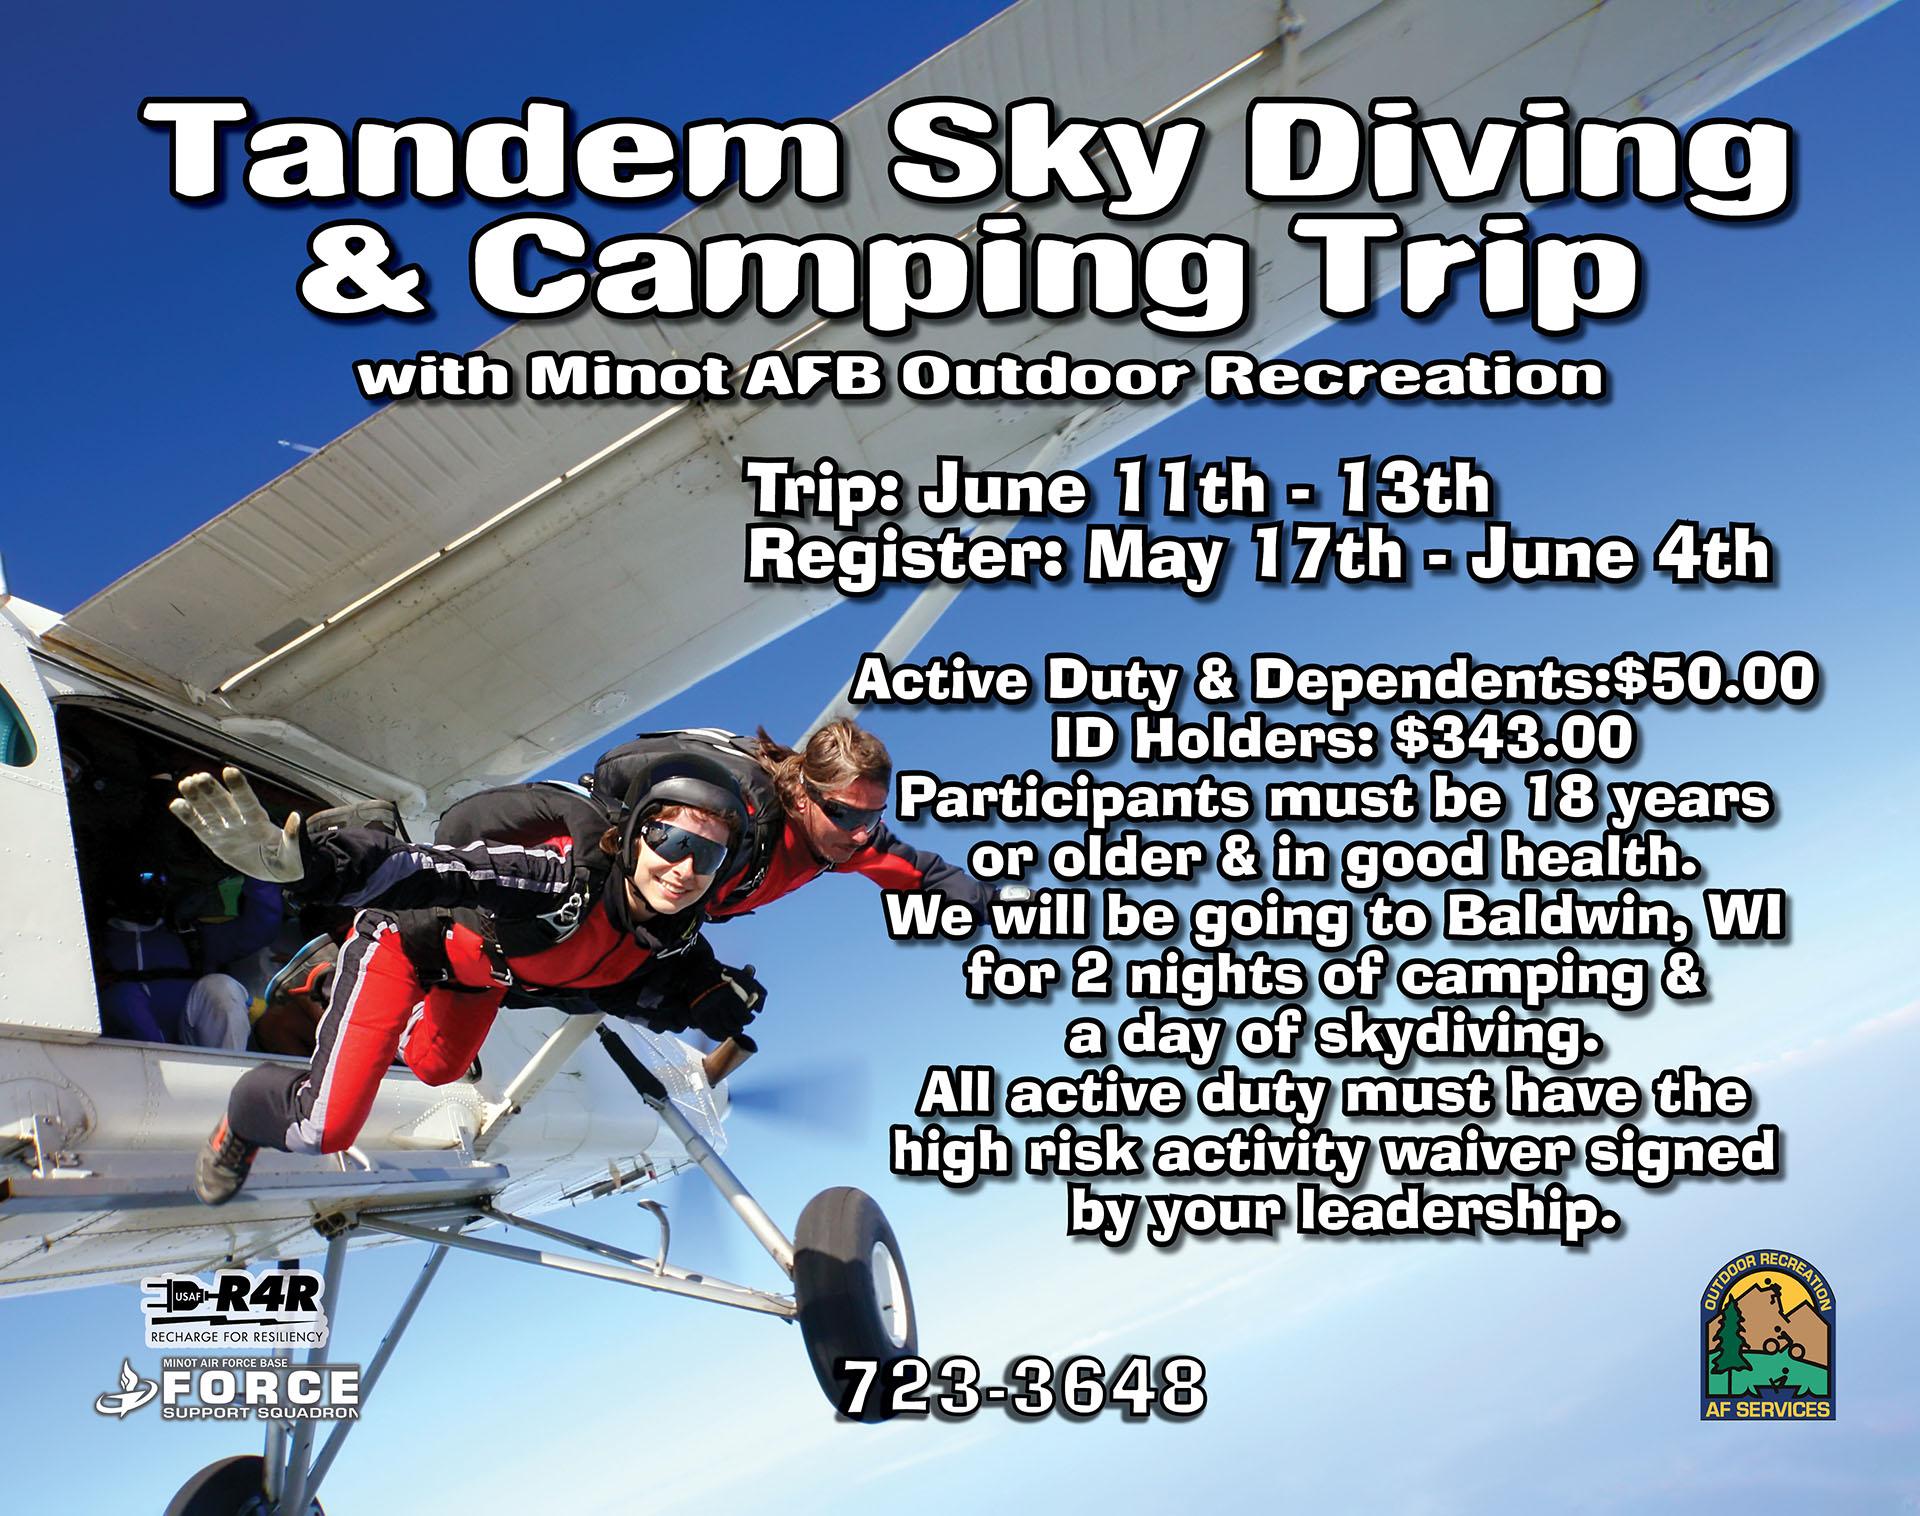 Skydiving & Camping Trip